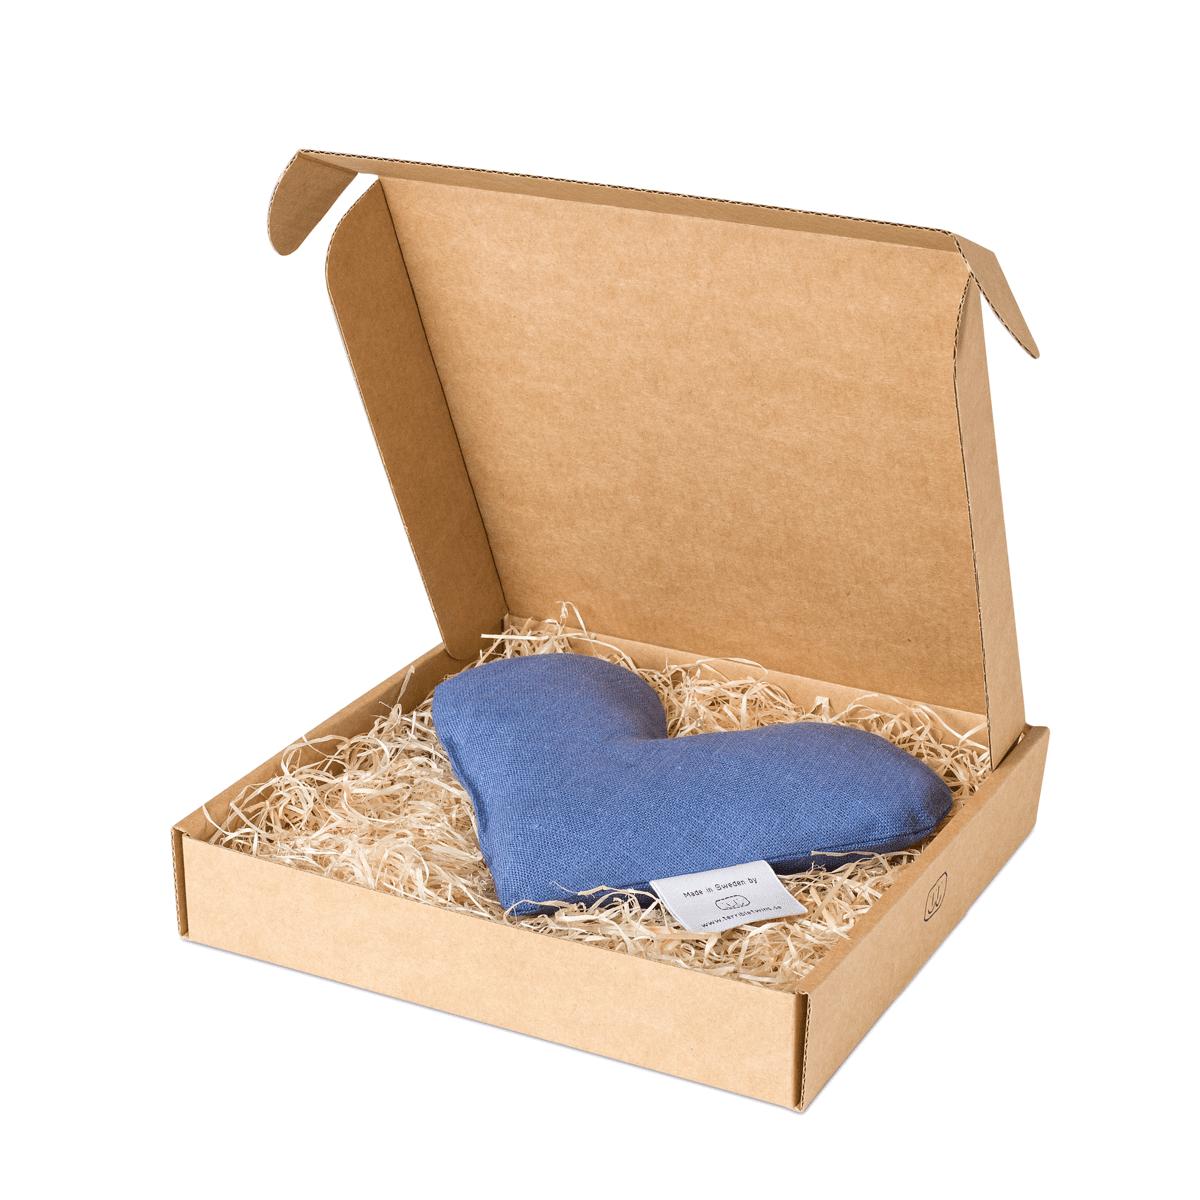 Mellanblå sweetheart vetevärmare i förpackning